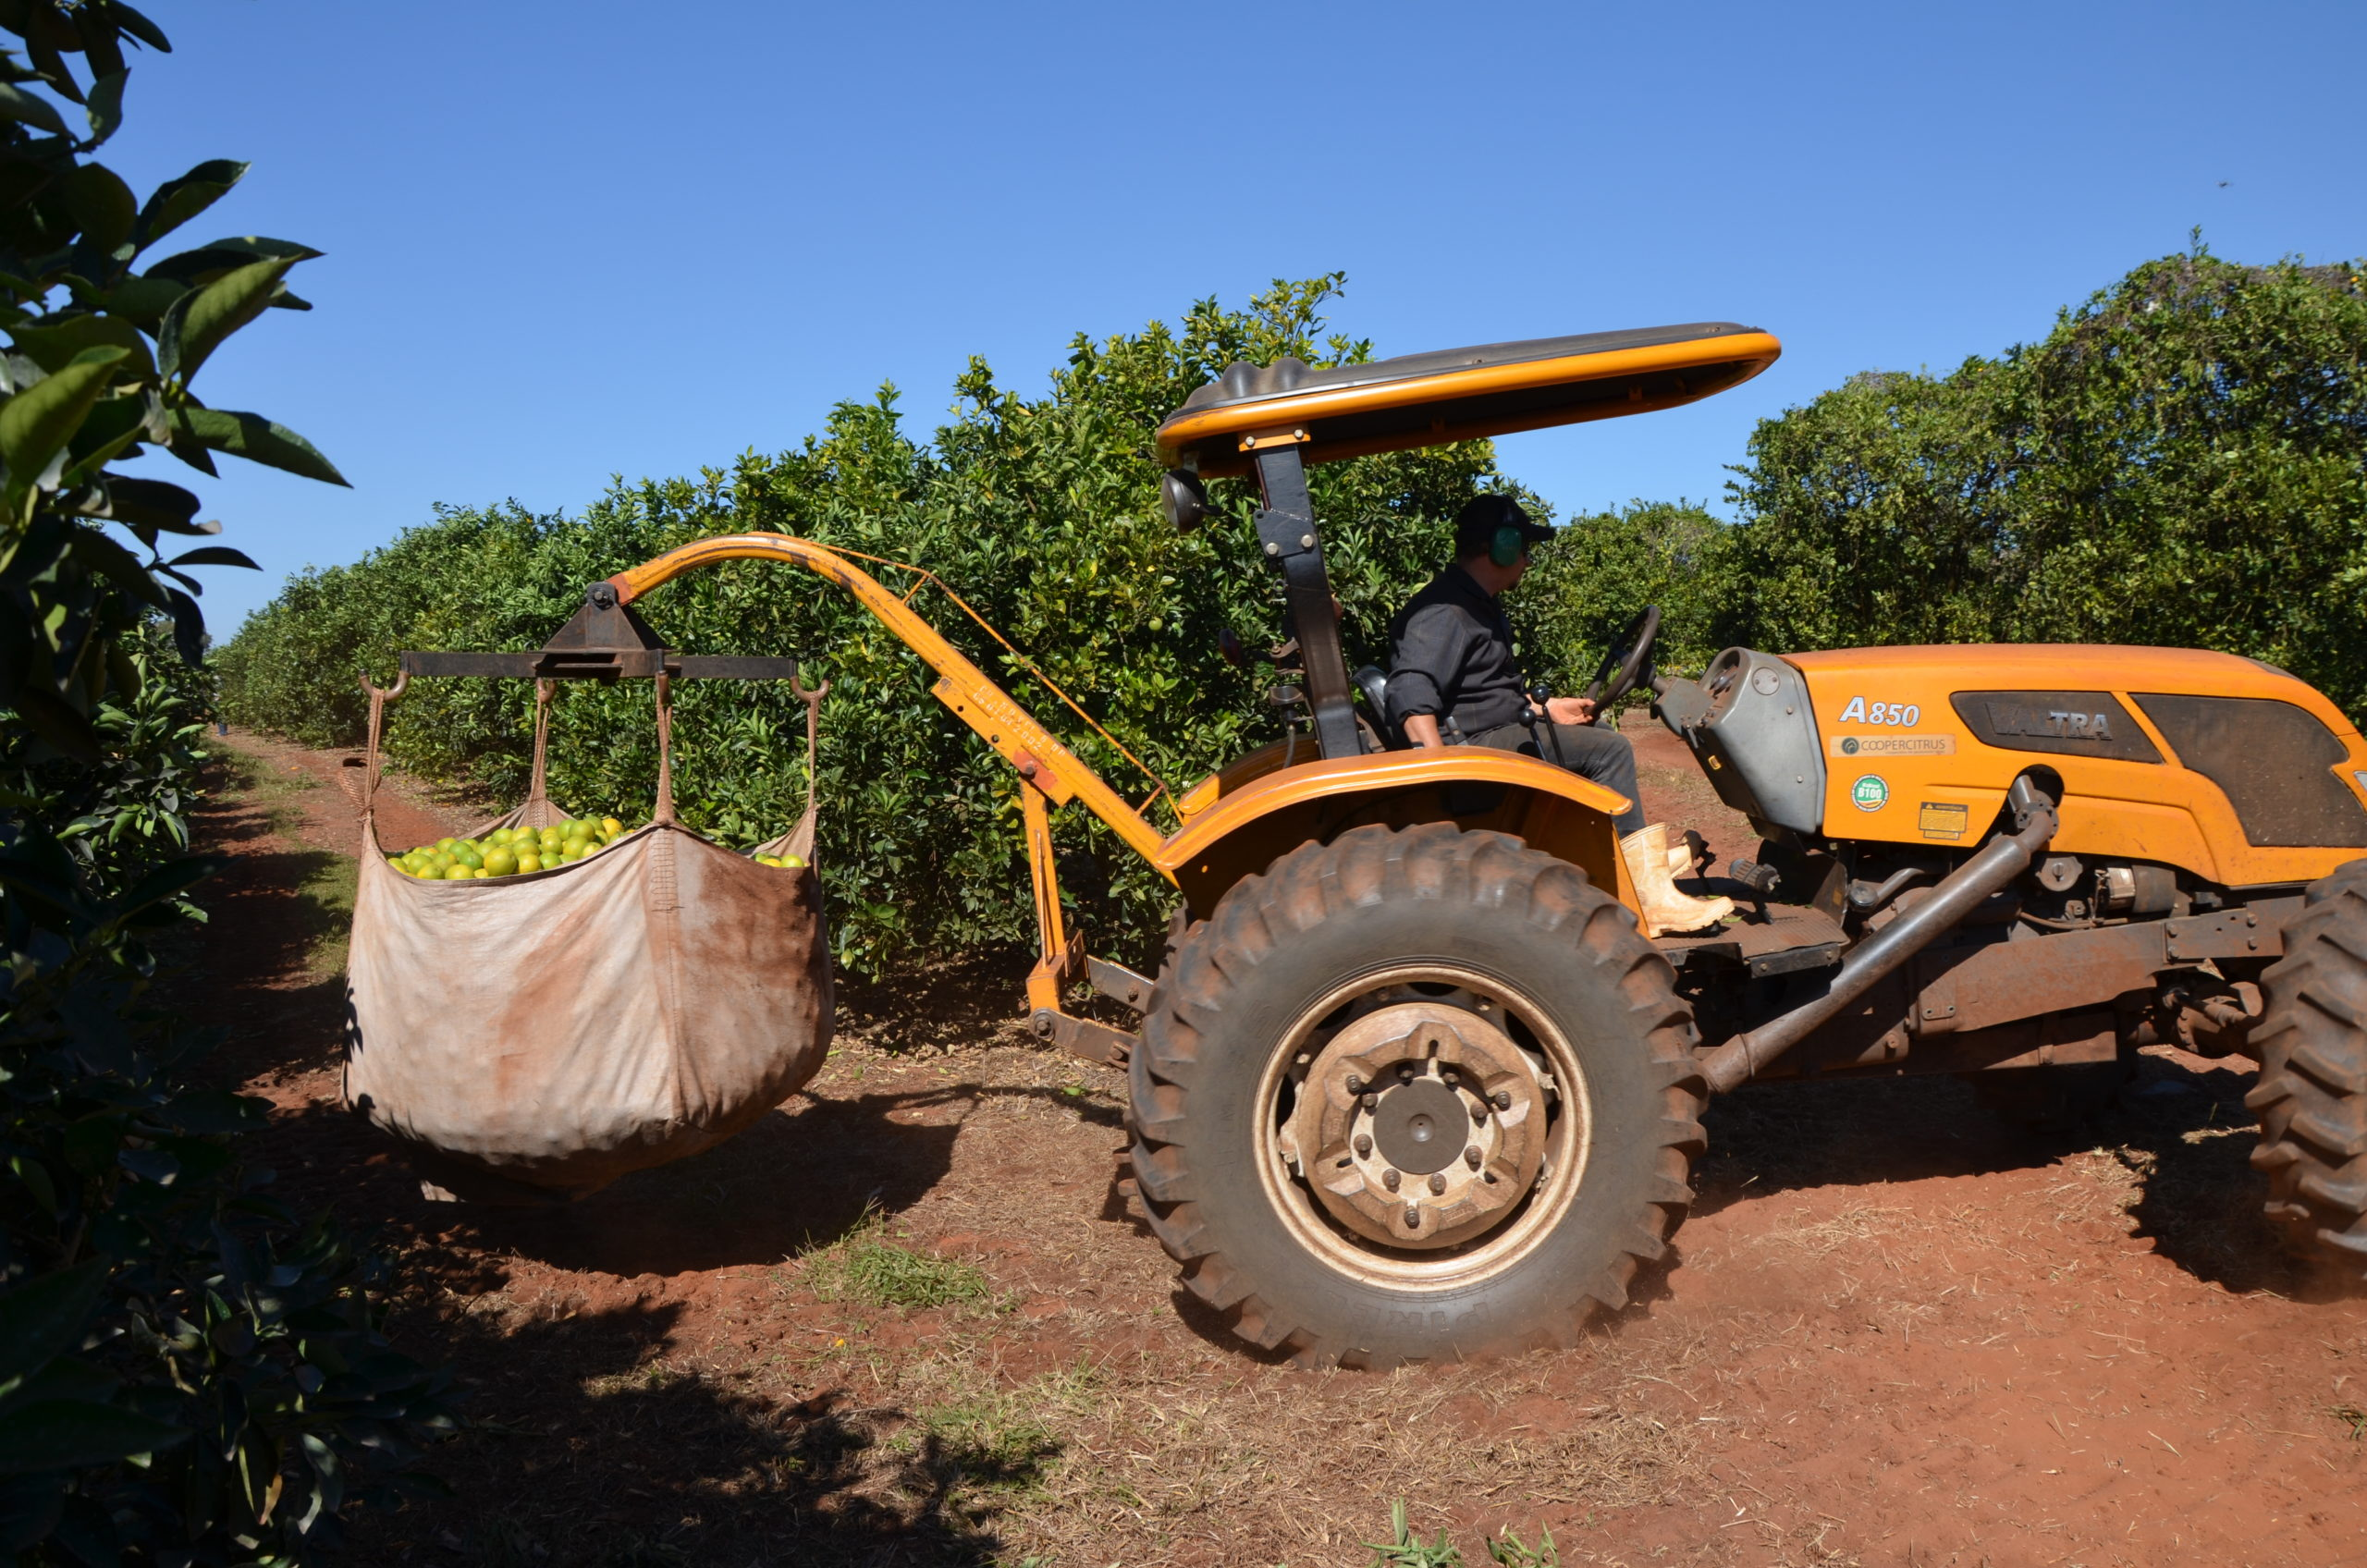 Traktor transportiert großen Sack mit geernteten Orangen.